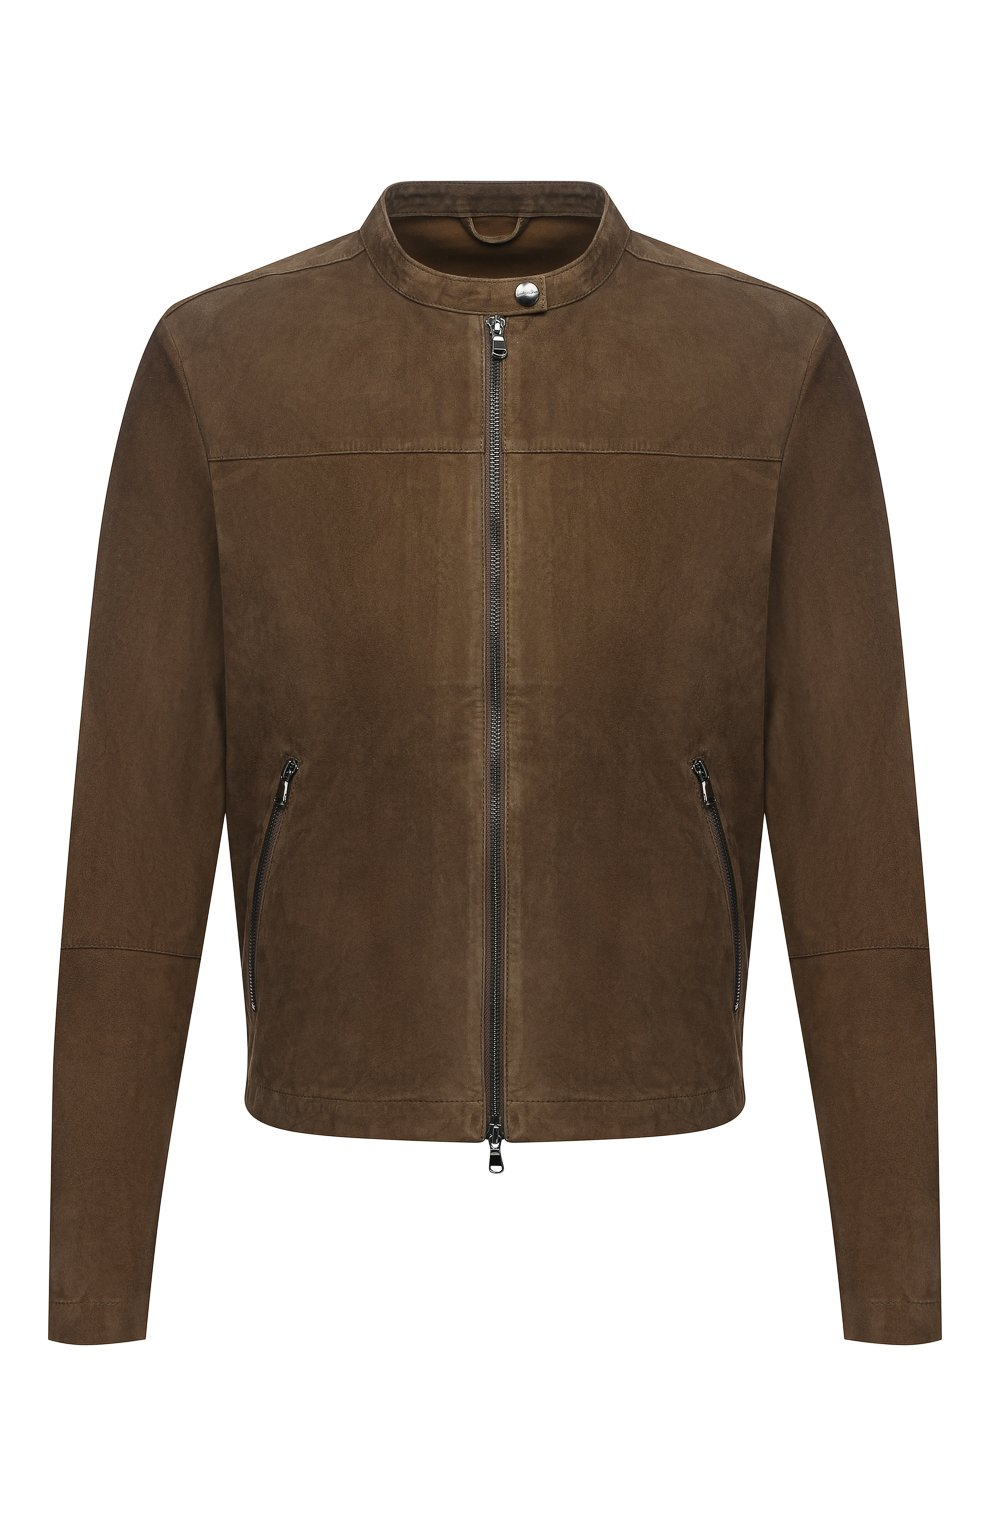 Мужская замшевая куртка GIORGIO BRATO коричневого цвета, арт. GU21S9451G0SU   Фото 1 (Кросс-КТ: Куртка; Материал внешний: Замша; Рукава: Длинные; Мужское Кросс-КТ: Кожа и замша; Длина (верхняя одежда): Короткие; Стили: Кэжуэл)